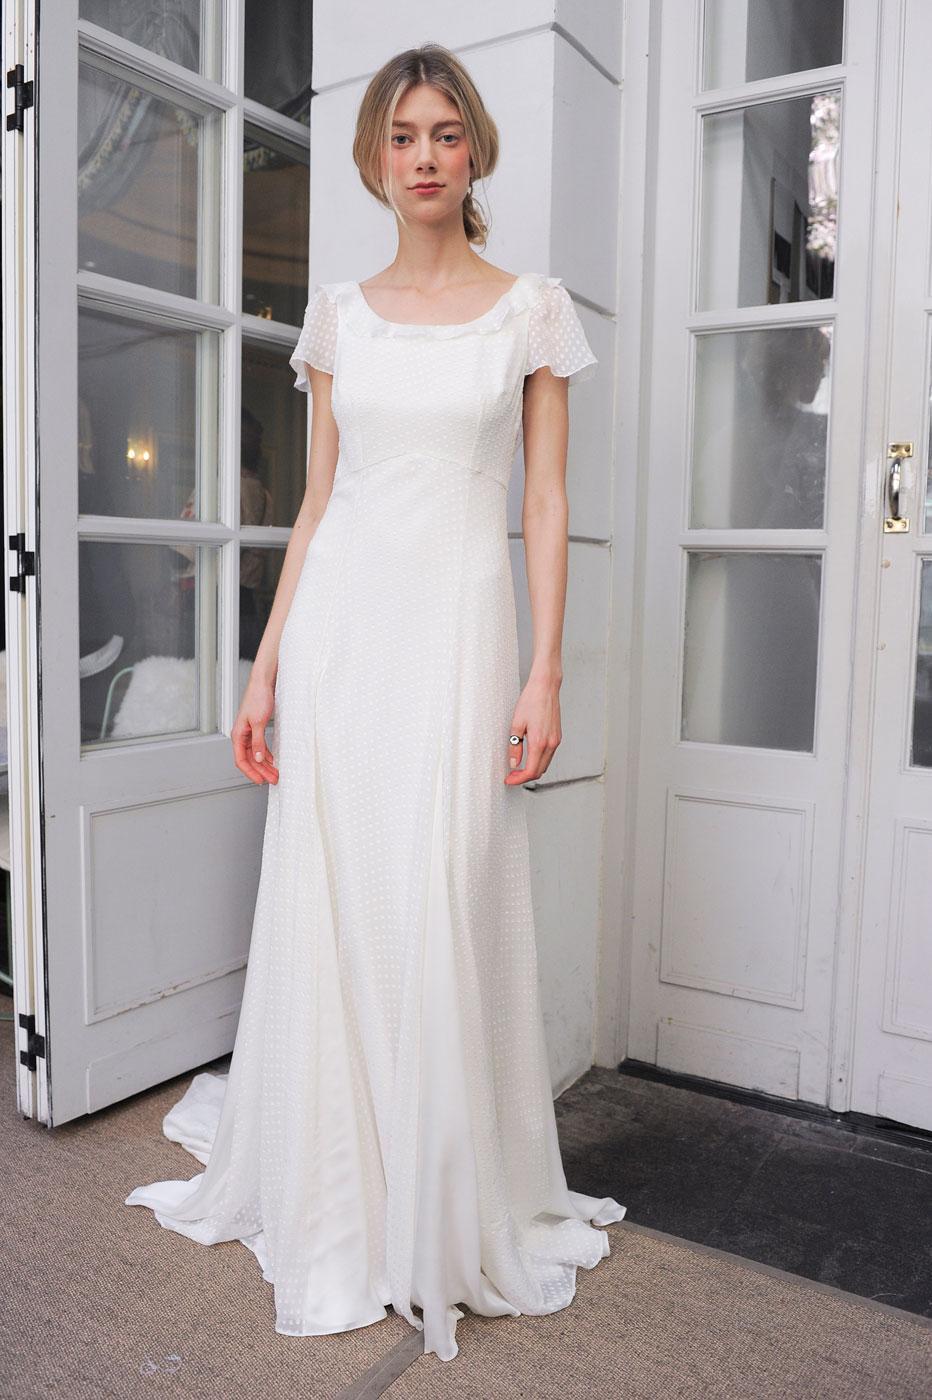 8e858e6b6b6 ... Les collections de robes de mariée 2017 - Delphine Manivet ...